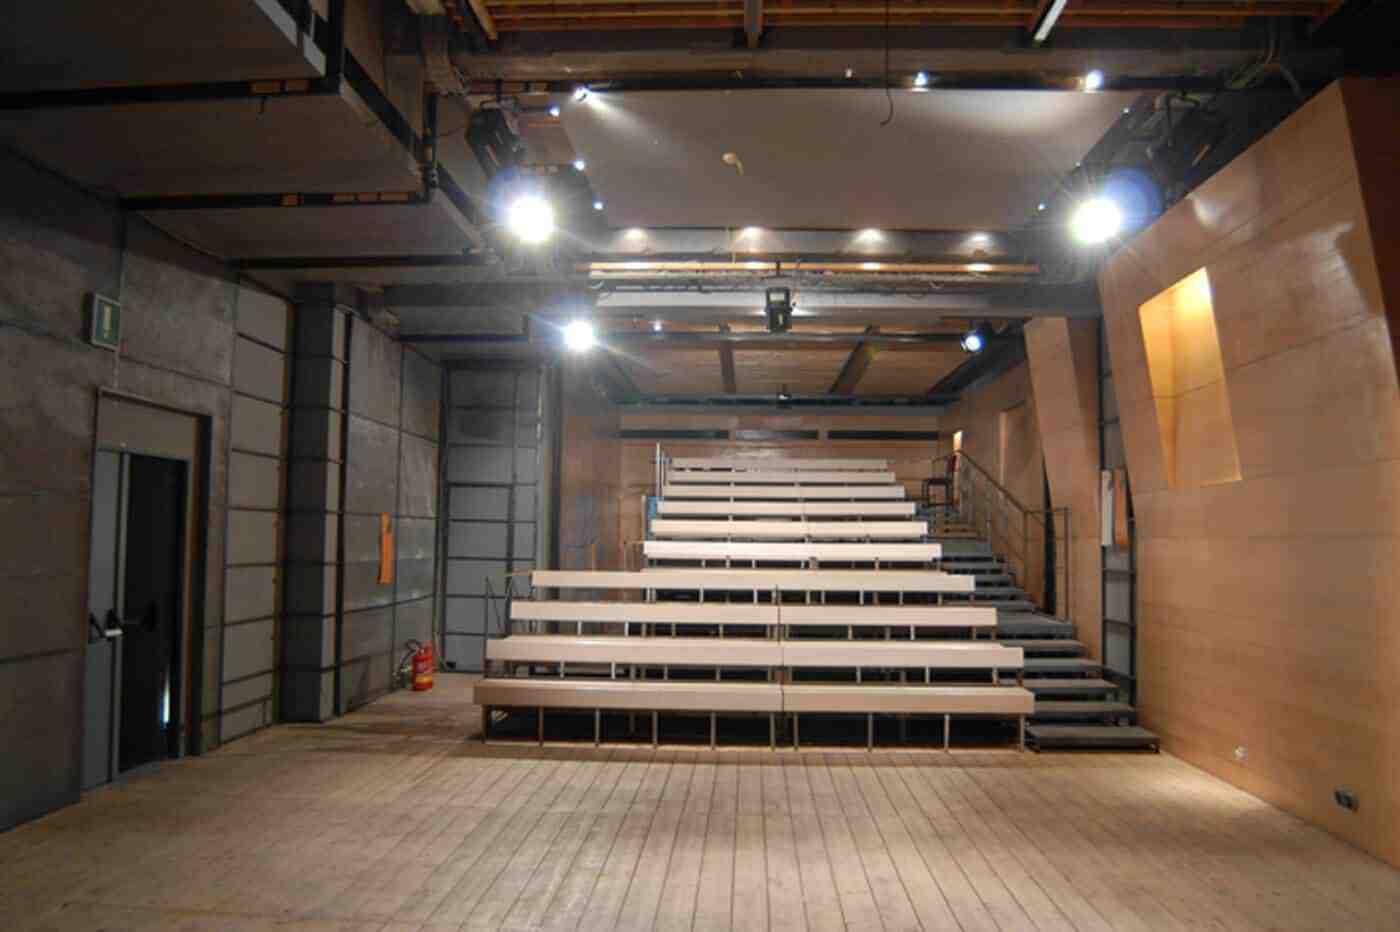 Teatro Stabile Napoli - Ridotto-2